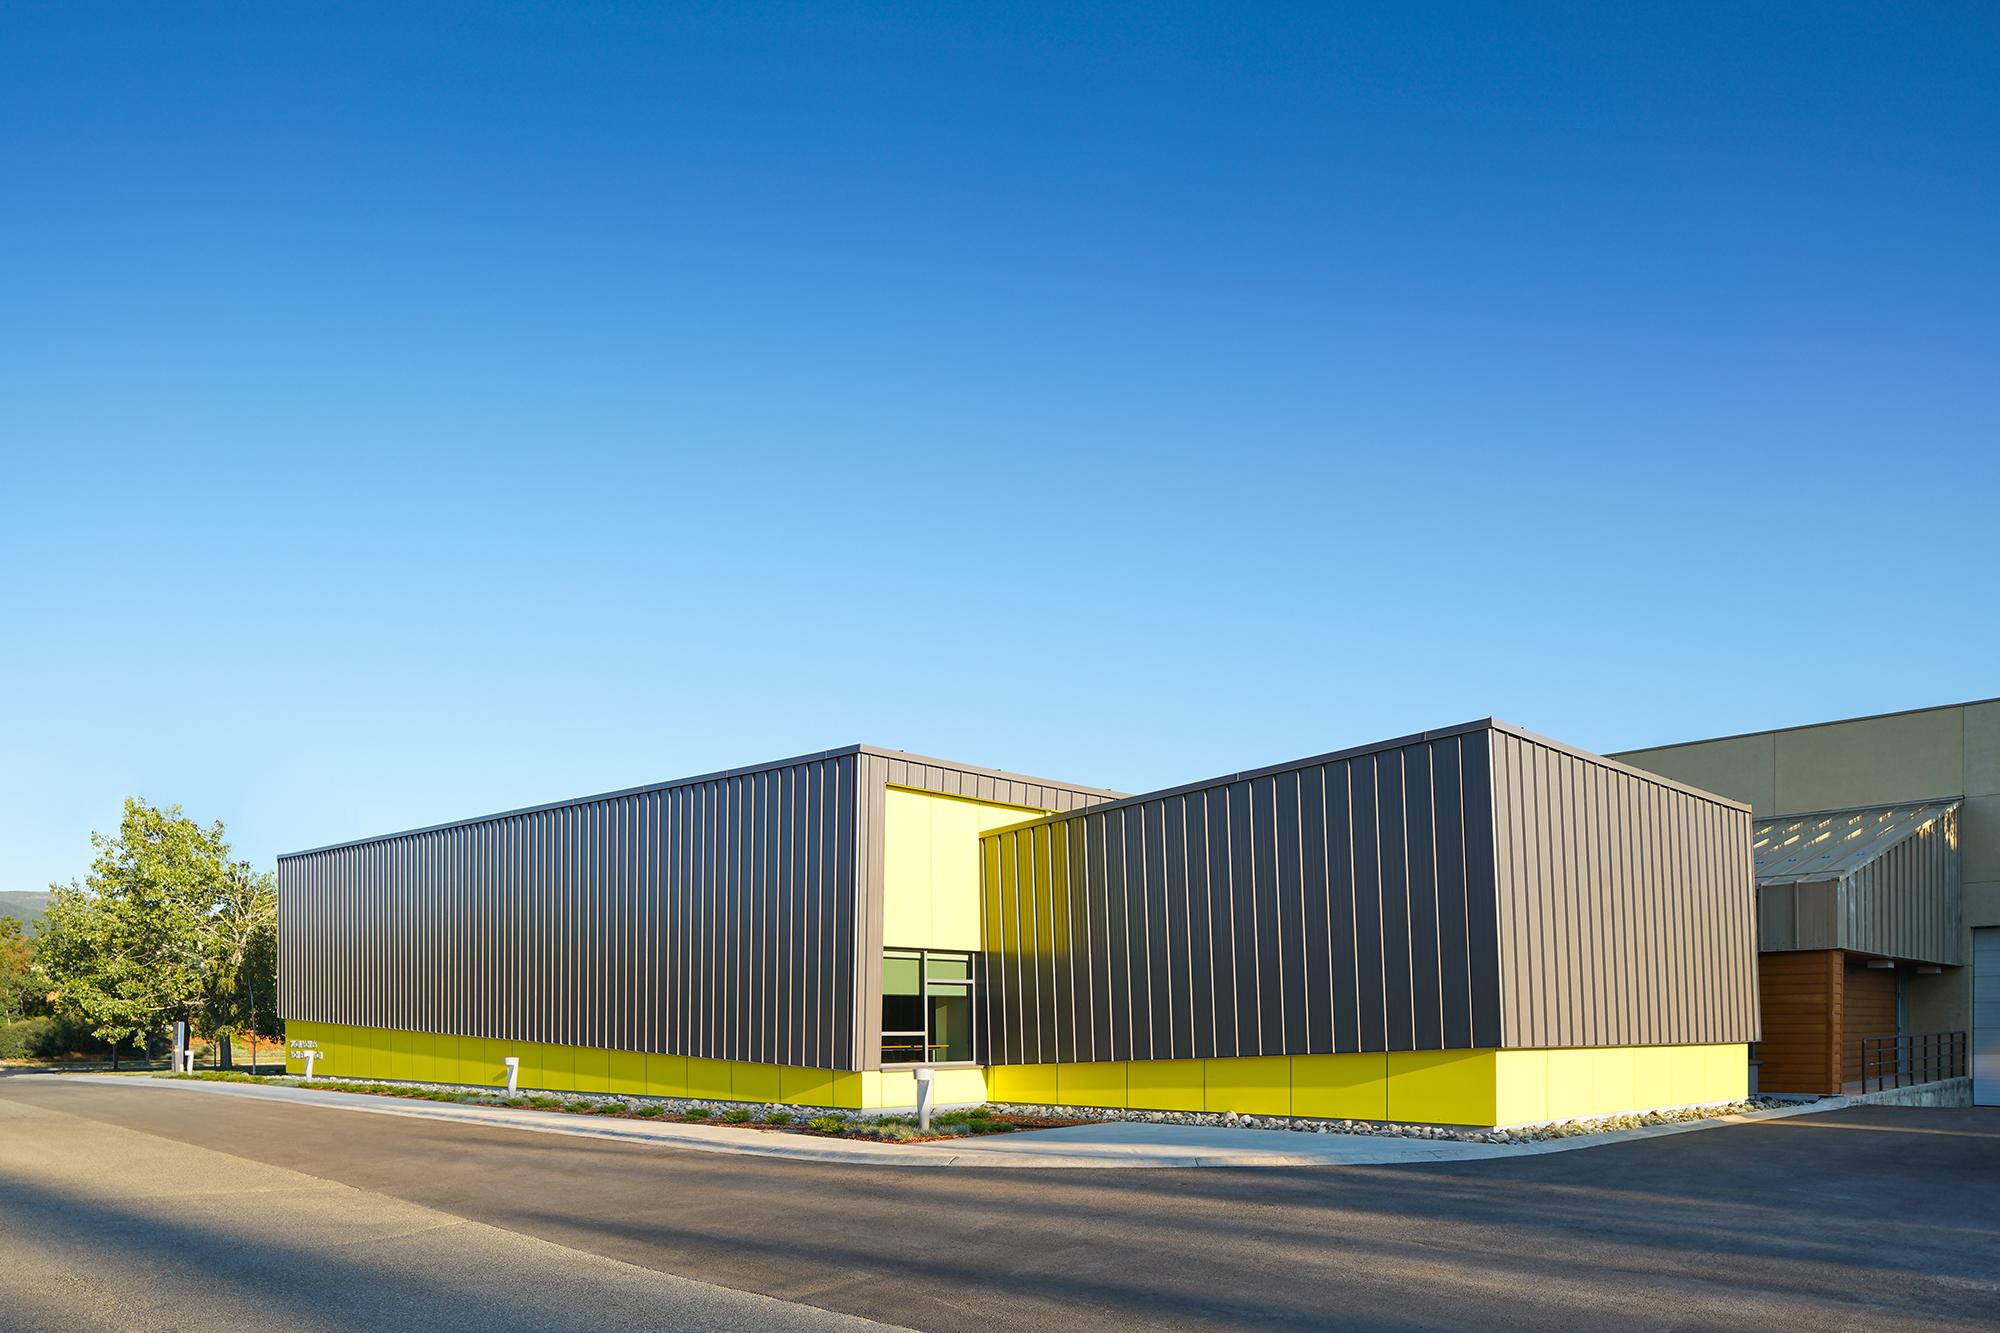 Yukon Archives / Kobayashi+Zedda Architects